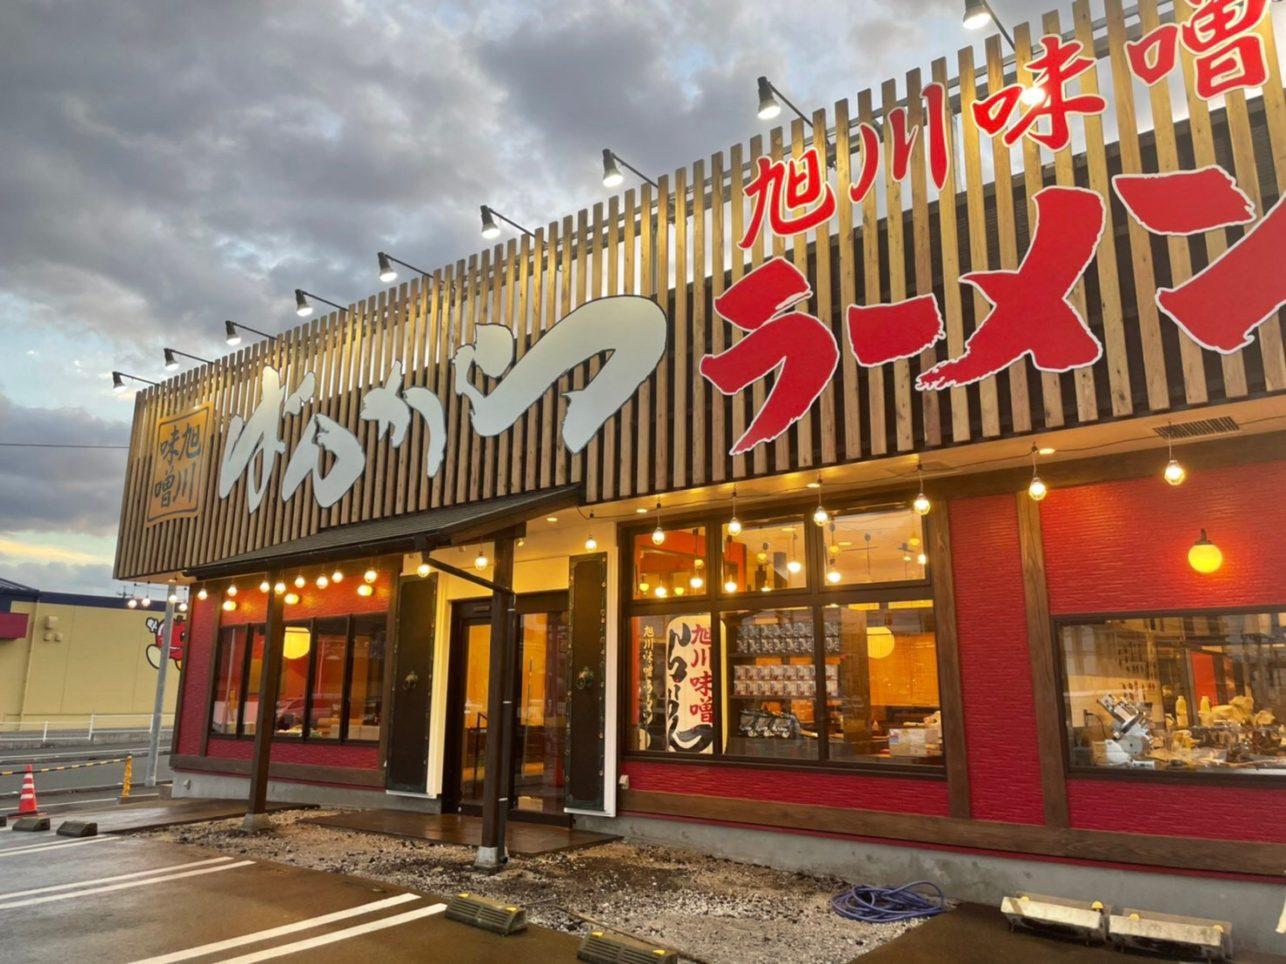 濃厚味噌が人気の「旭川味噌ラーメンばんから」が、九州初上陸!陣原店(福岡県北九州市) 12月20日(日)オープン